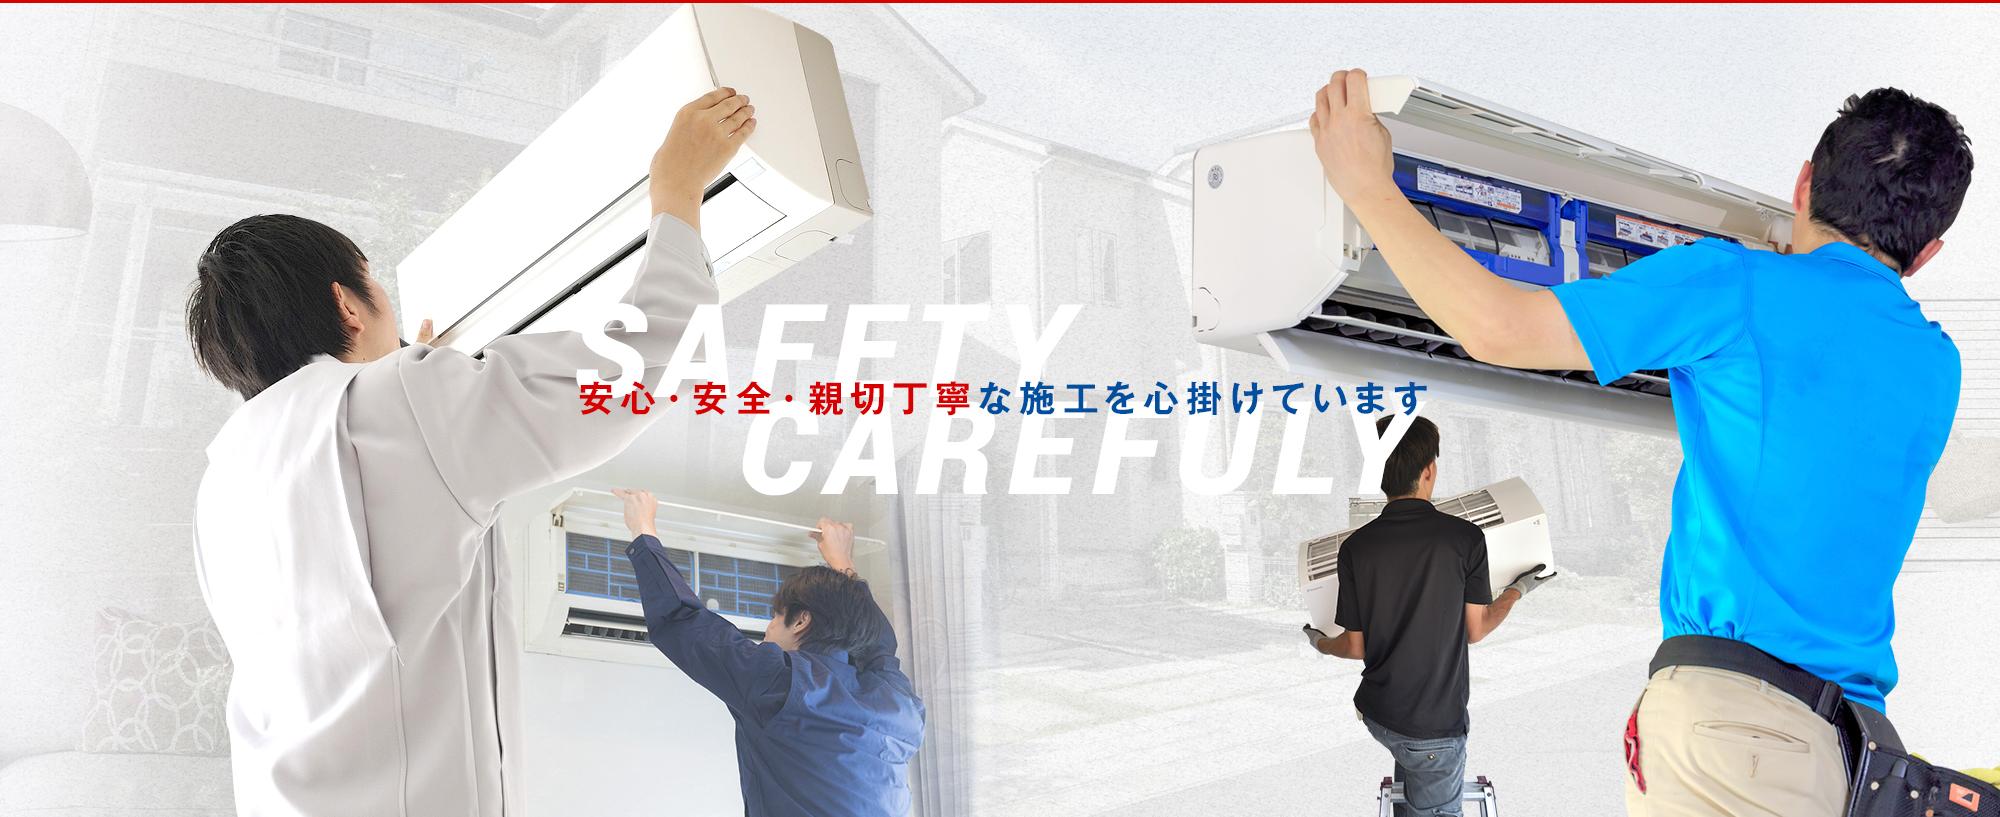 安心・安全・親切丁寧な施工を心掛けています